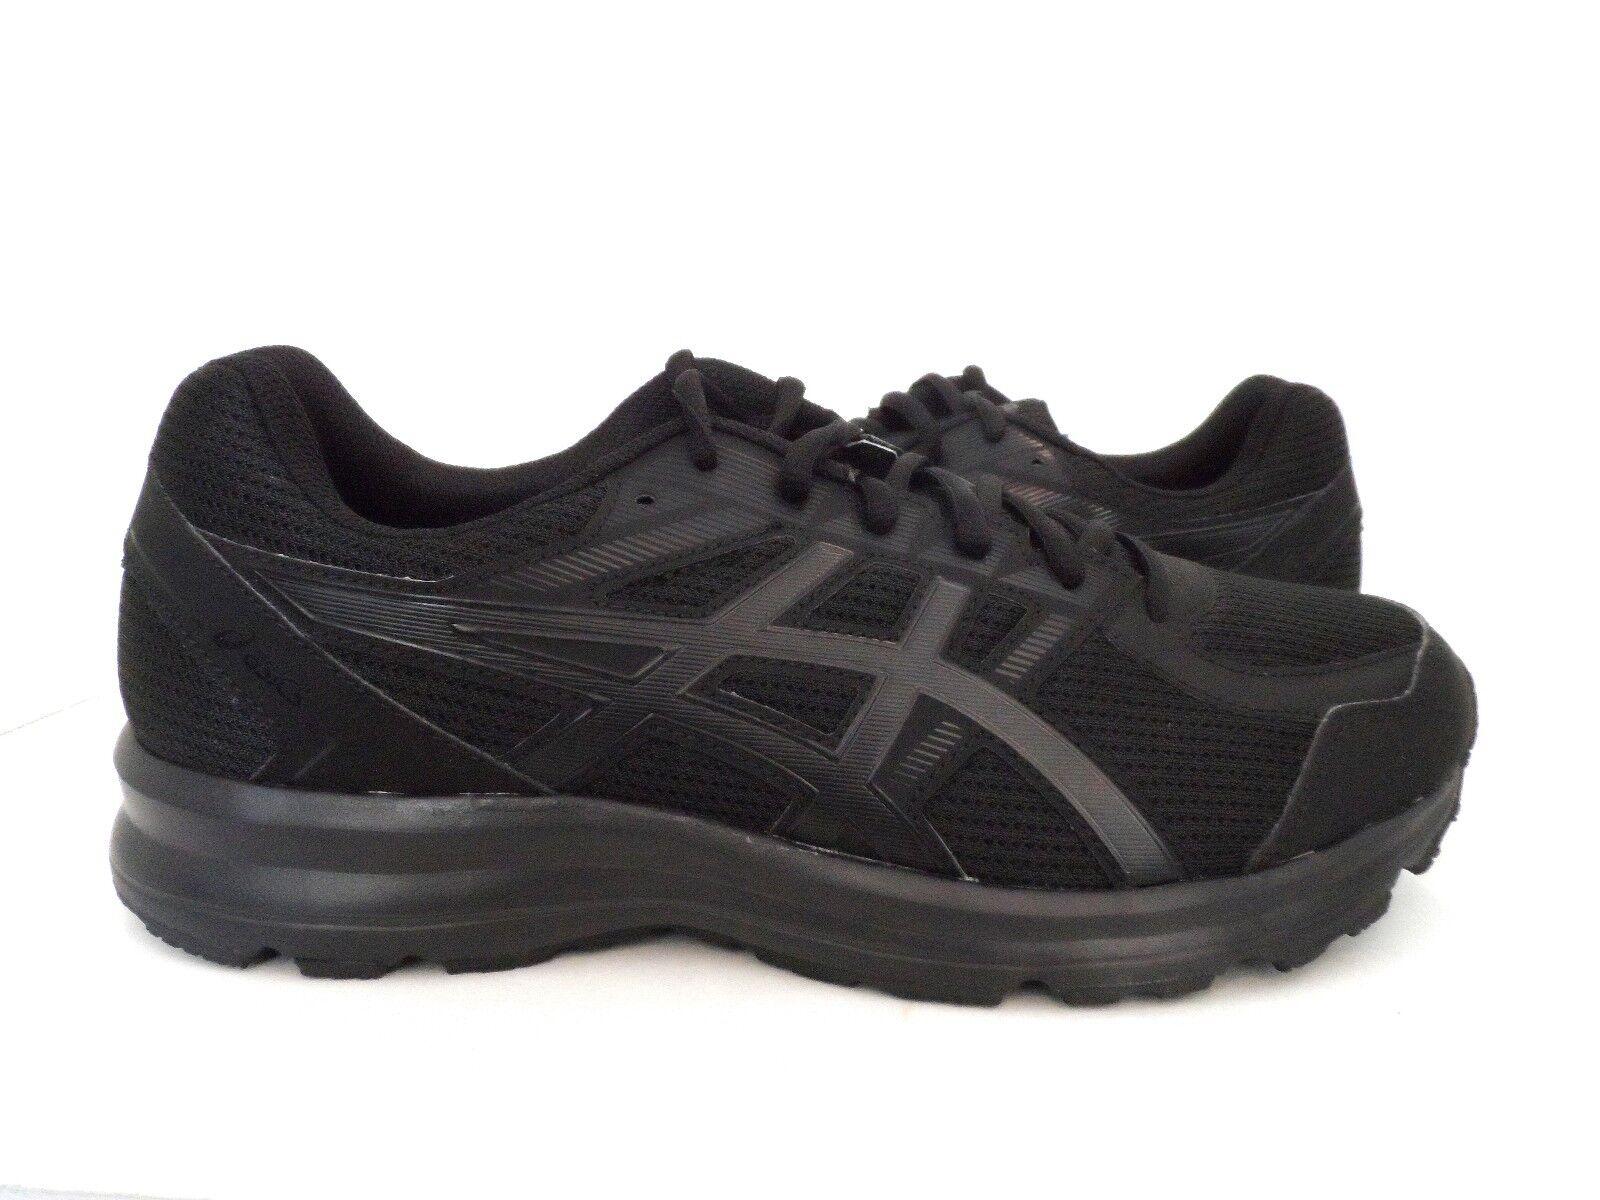 le scarpe uomini da corsa uomini scarpe scossa nero / onyx / nero taglia 10 4e 1f0d3f